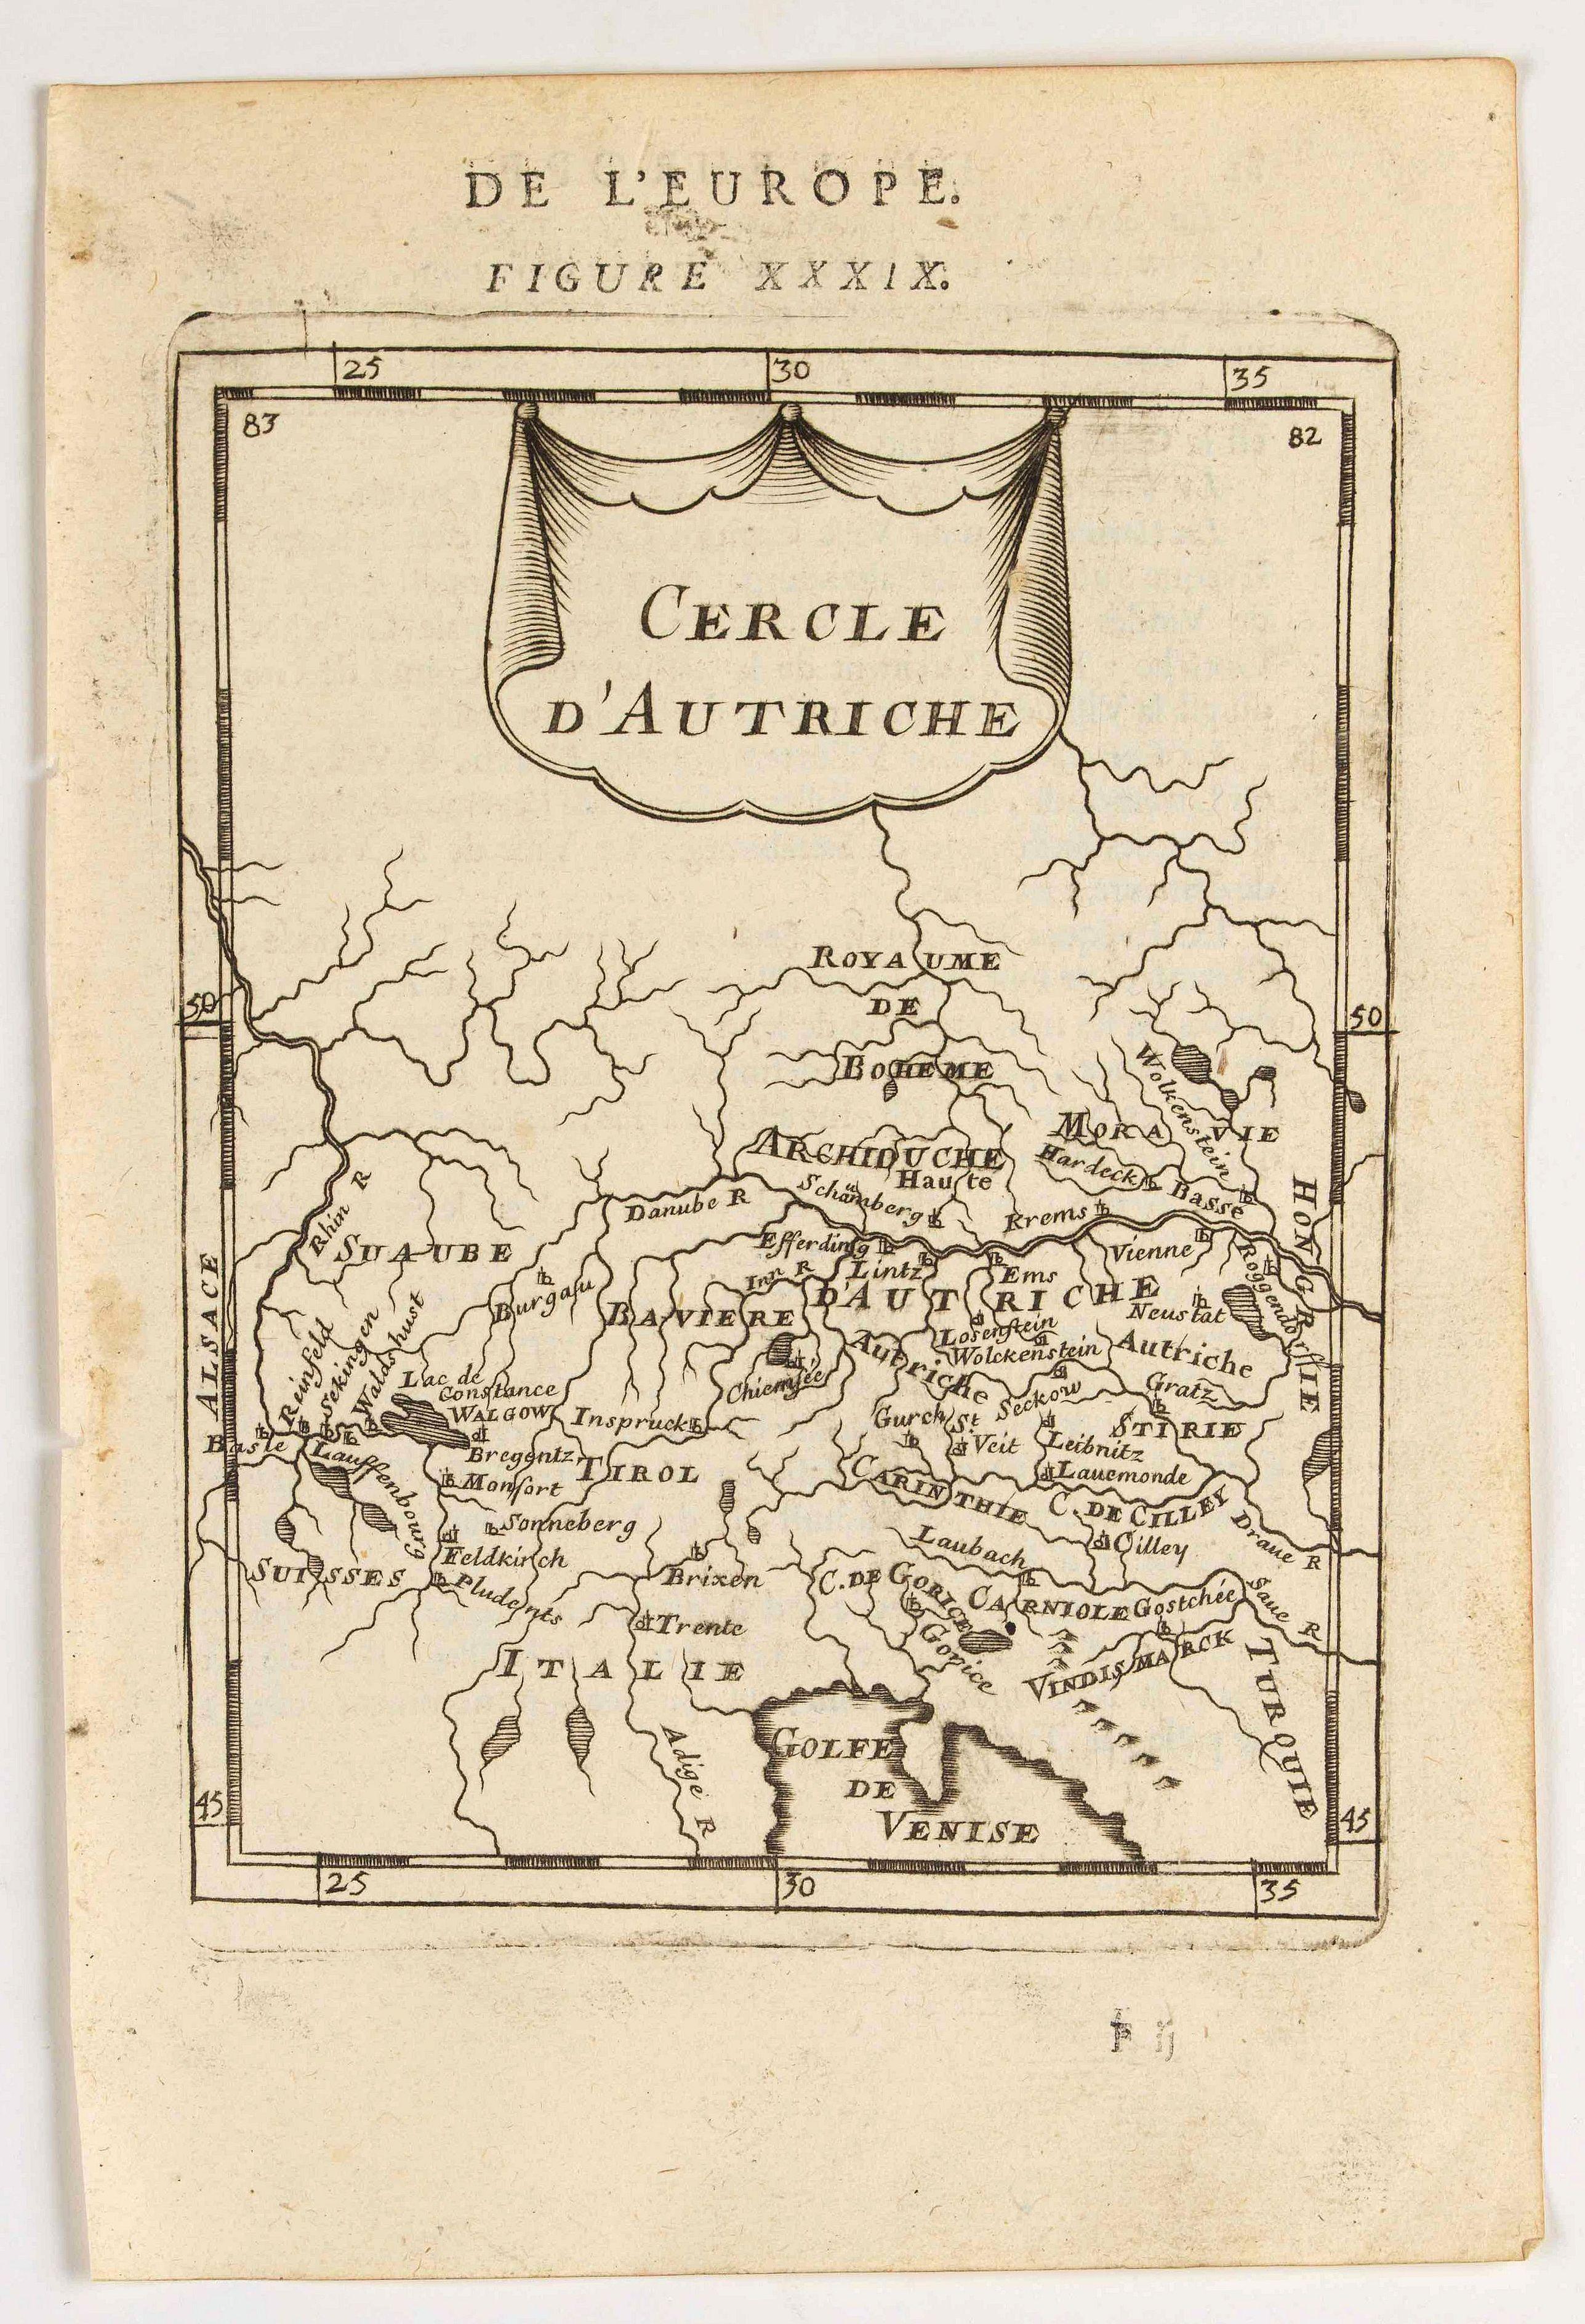 MANESSON MALLET, A. -  Cercle d'Autriche.